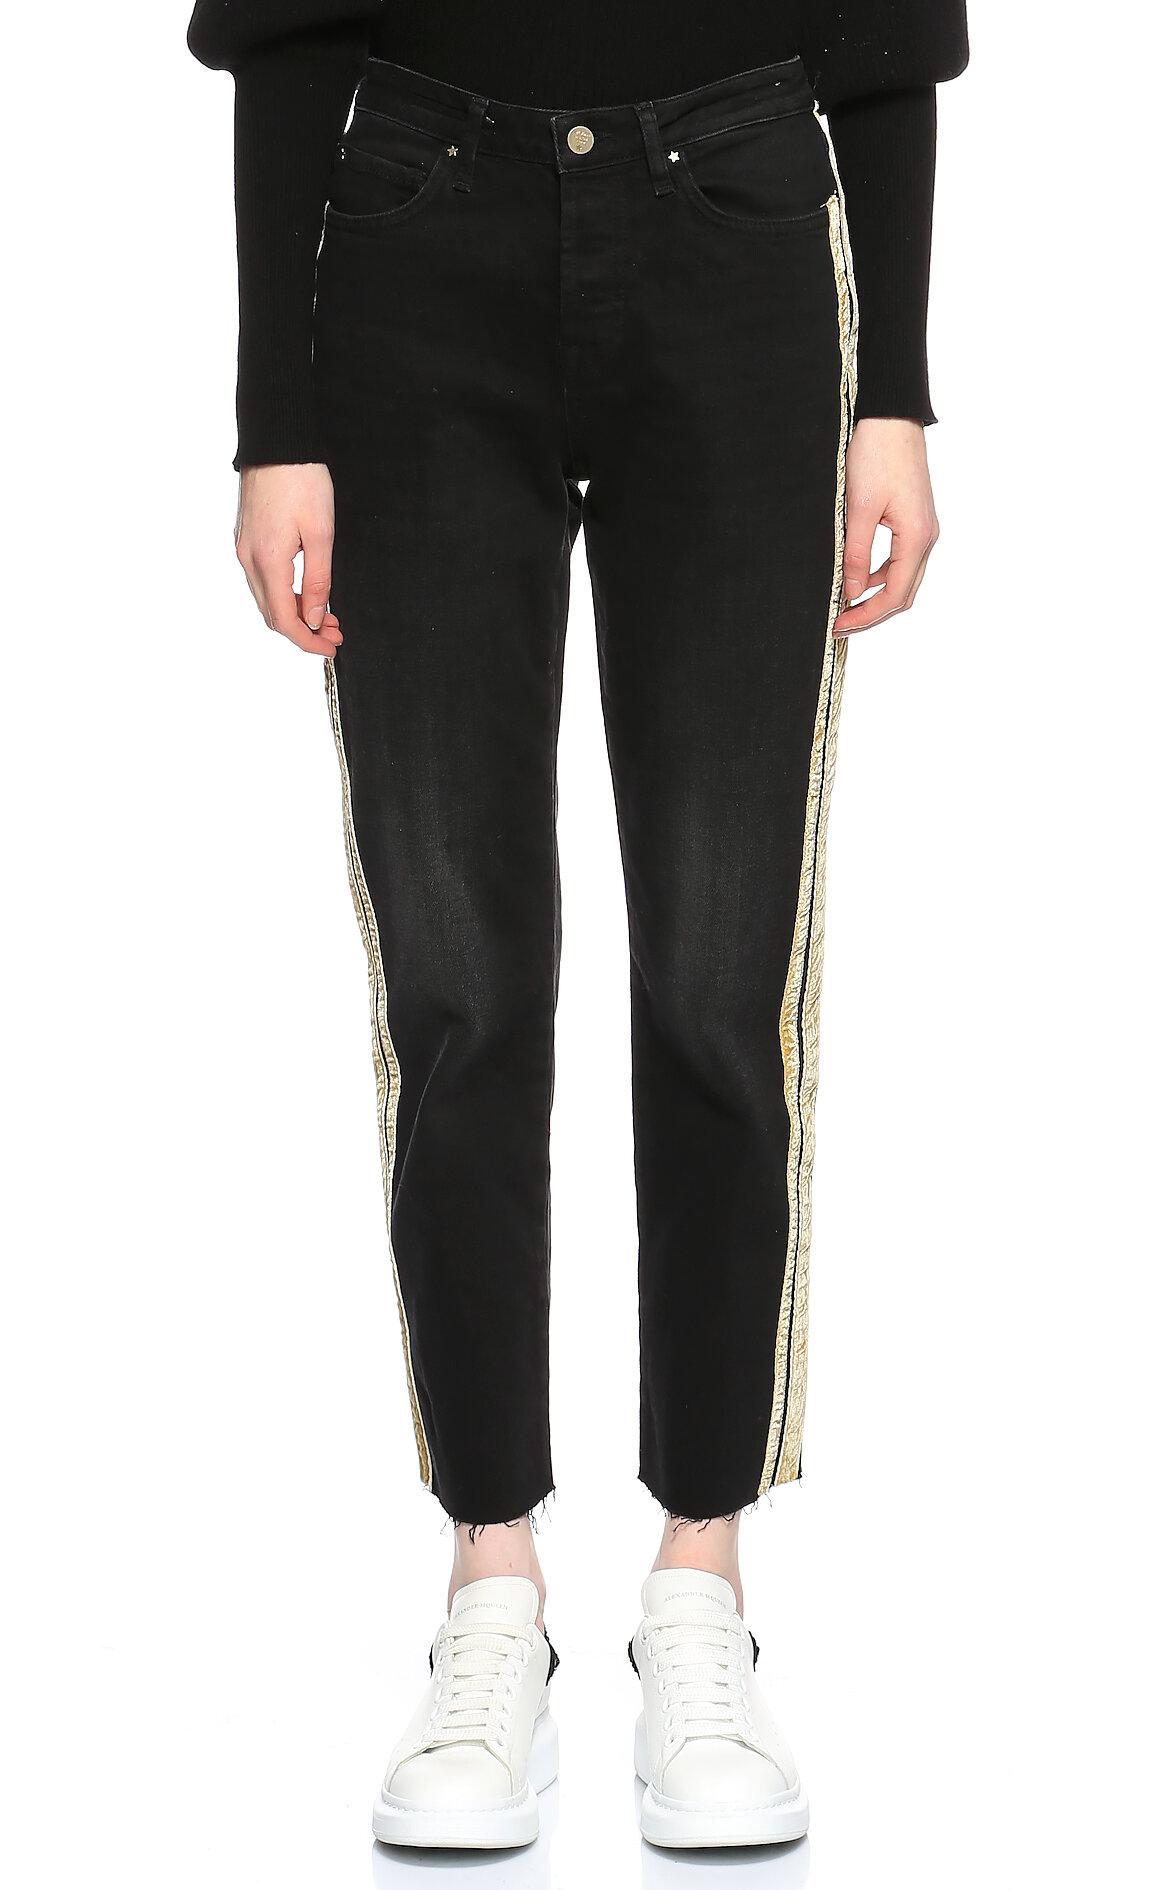 Silvian Heach-Silvian Heach Siyah-Gold Jean Pantolon